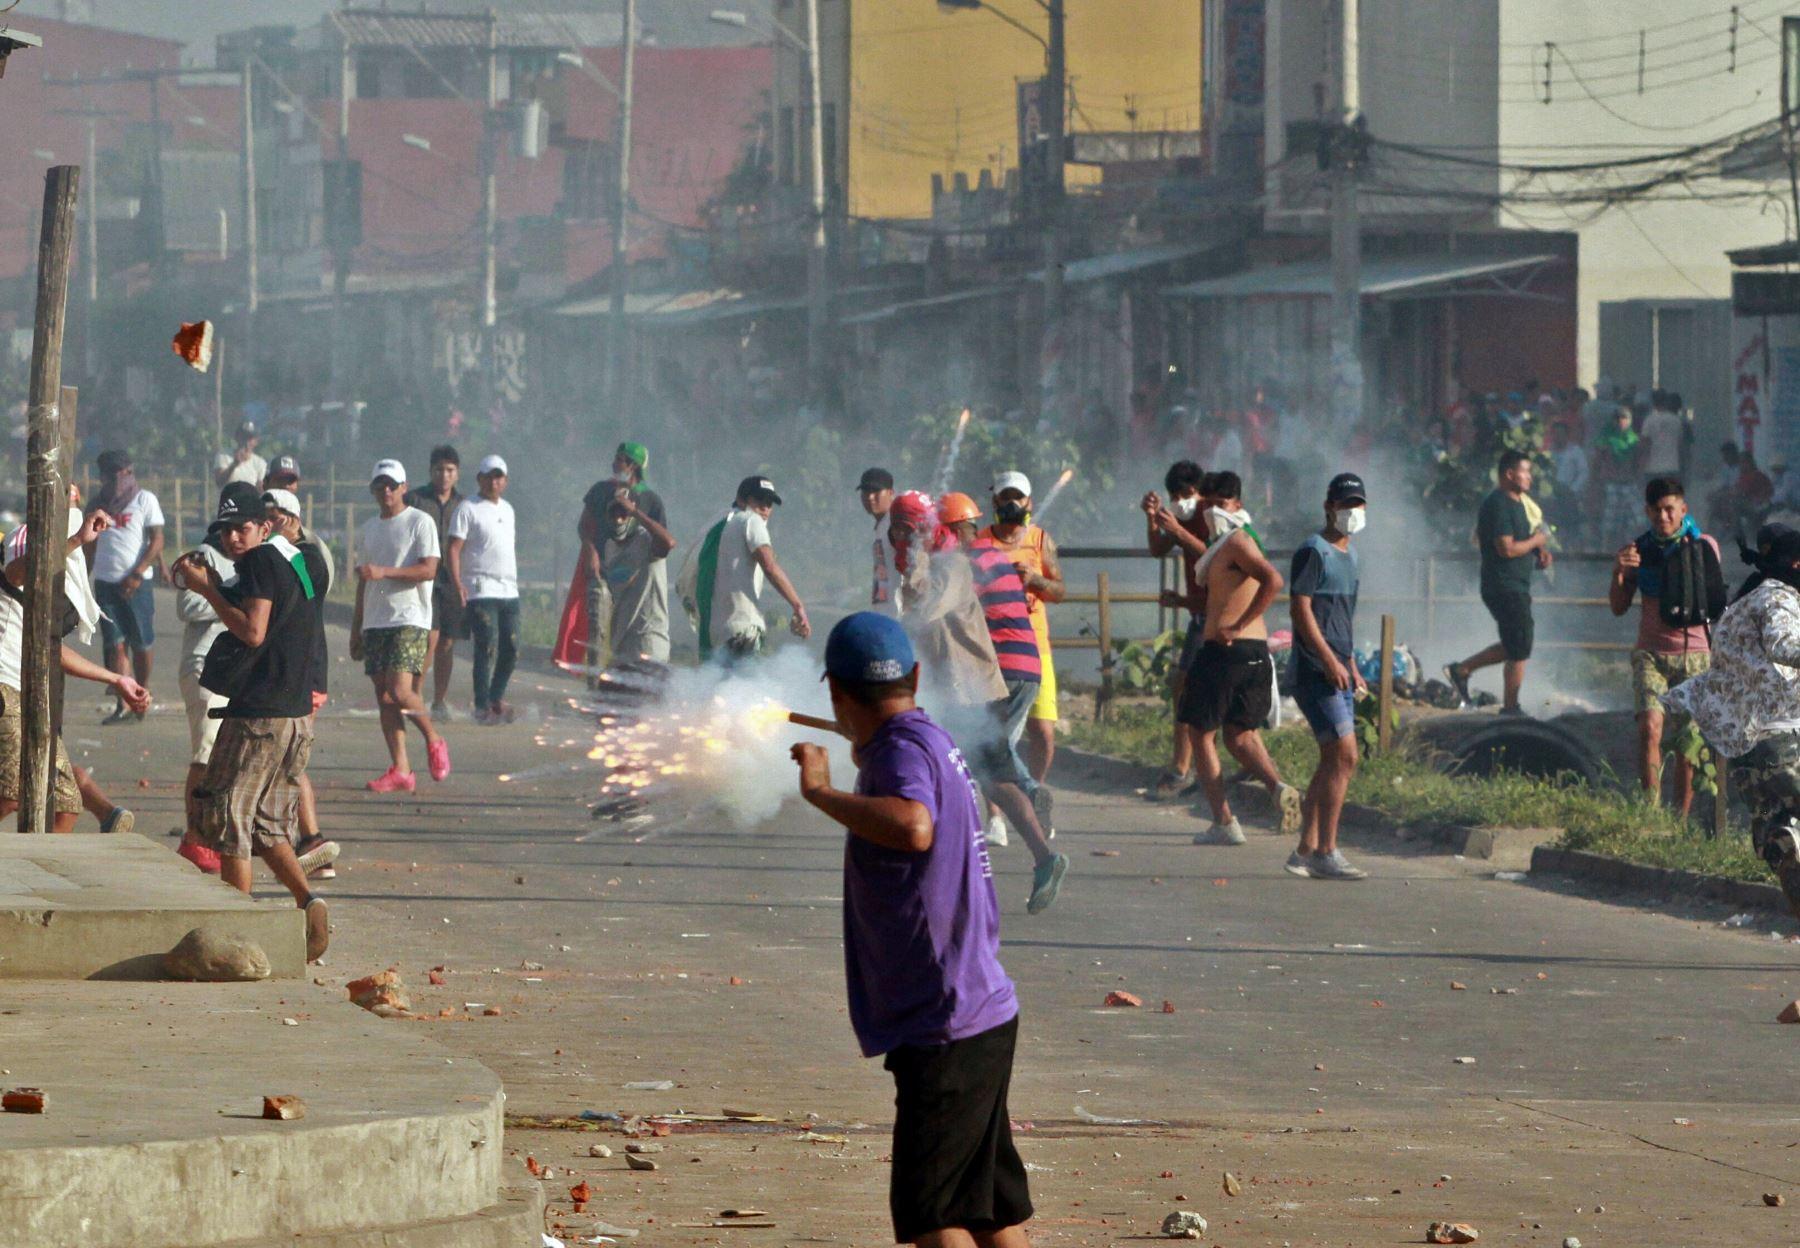 En esta imagen de archivo tomada el 23 de octubre de 2019, los partidarios del candidato de la oposición boliviana Carlos Mesa y del presidente Evo Morales se enfrentan durante una manifestación sobre los resultados de las encuestas en disputa, en Santa Cruz, Bolivia. Foto: AFP